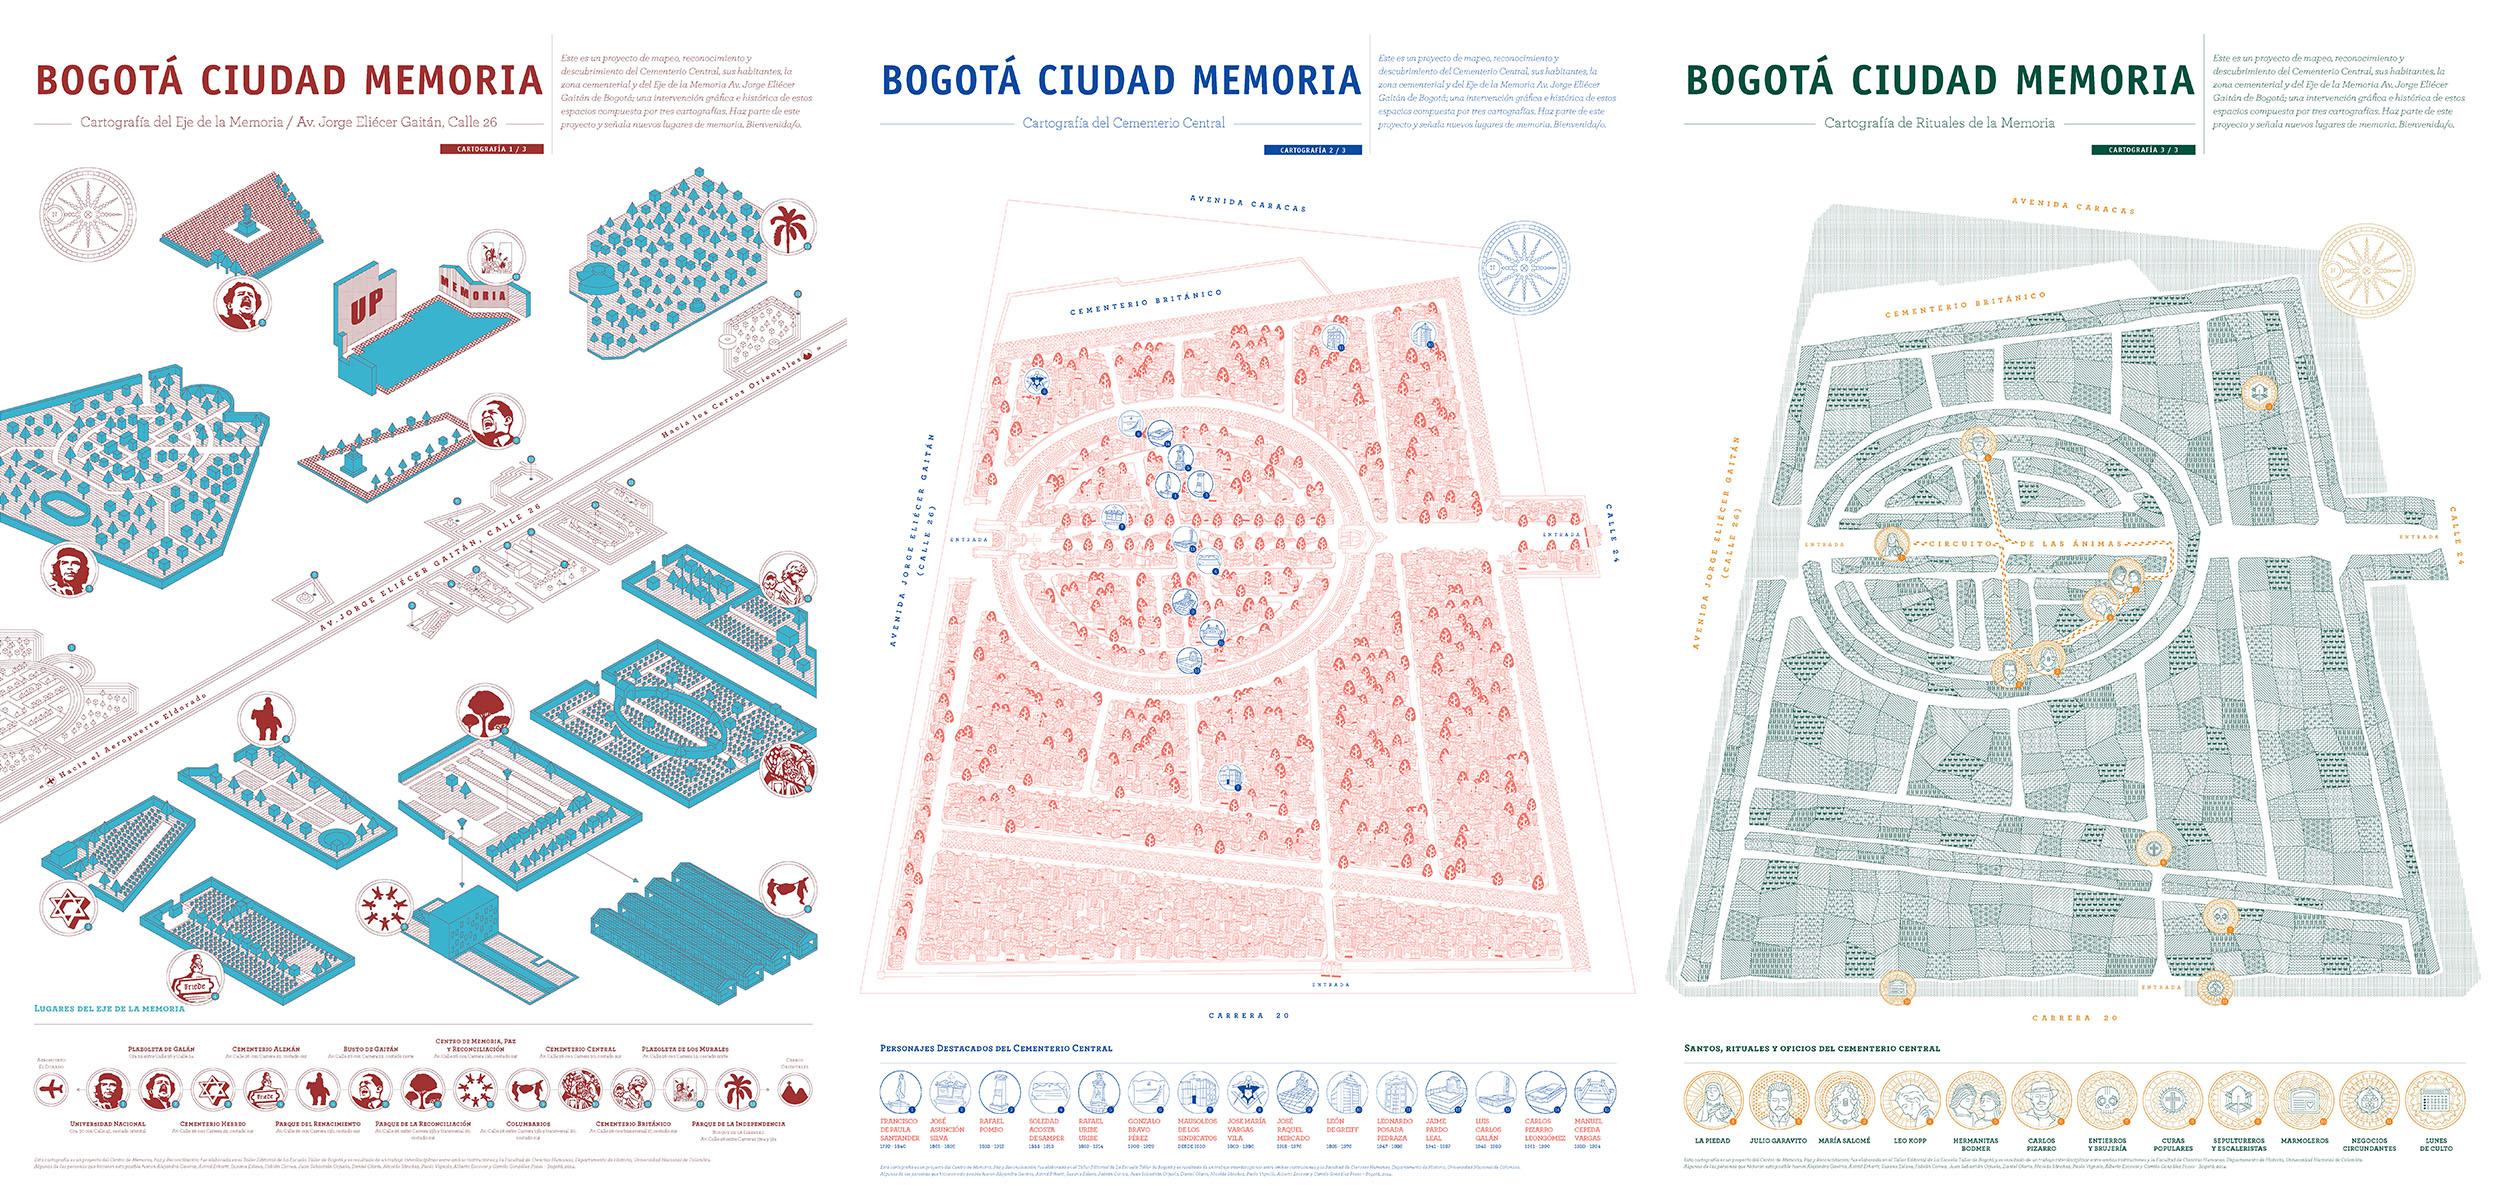 Figure 1: Cartografías de la Memoria.  Left: Cartografía del Eje de la Memoria, Center: Cartografía del Cementerio Central, Right: Cartografía de los Rituales de la Memoria. (Images from:  Centro de Memoria Paz y Reconciliación de Bogota )